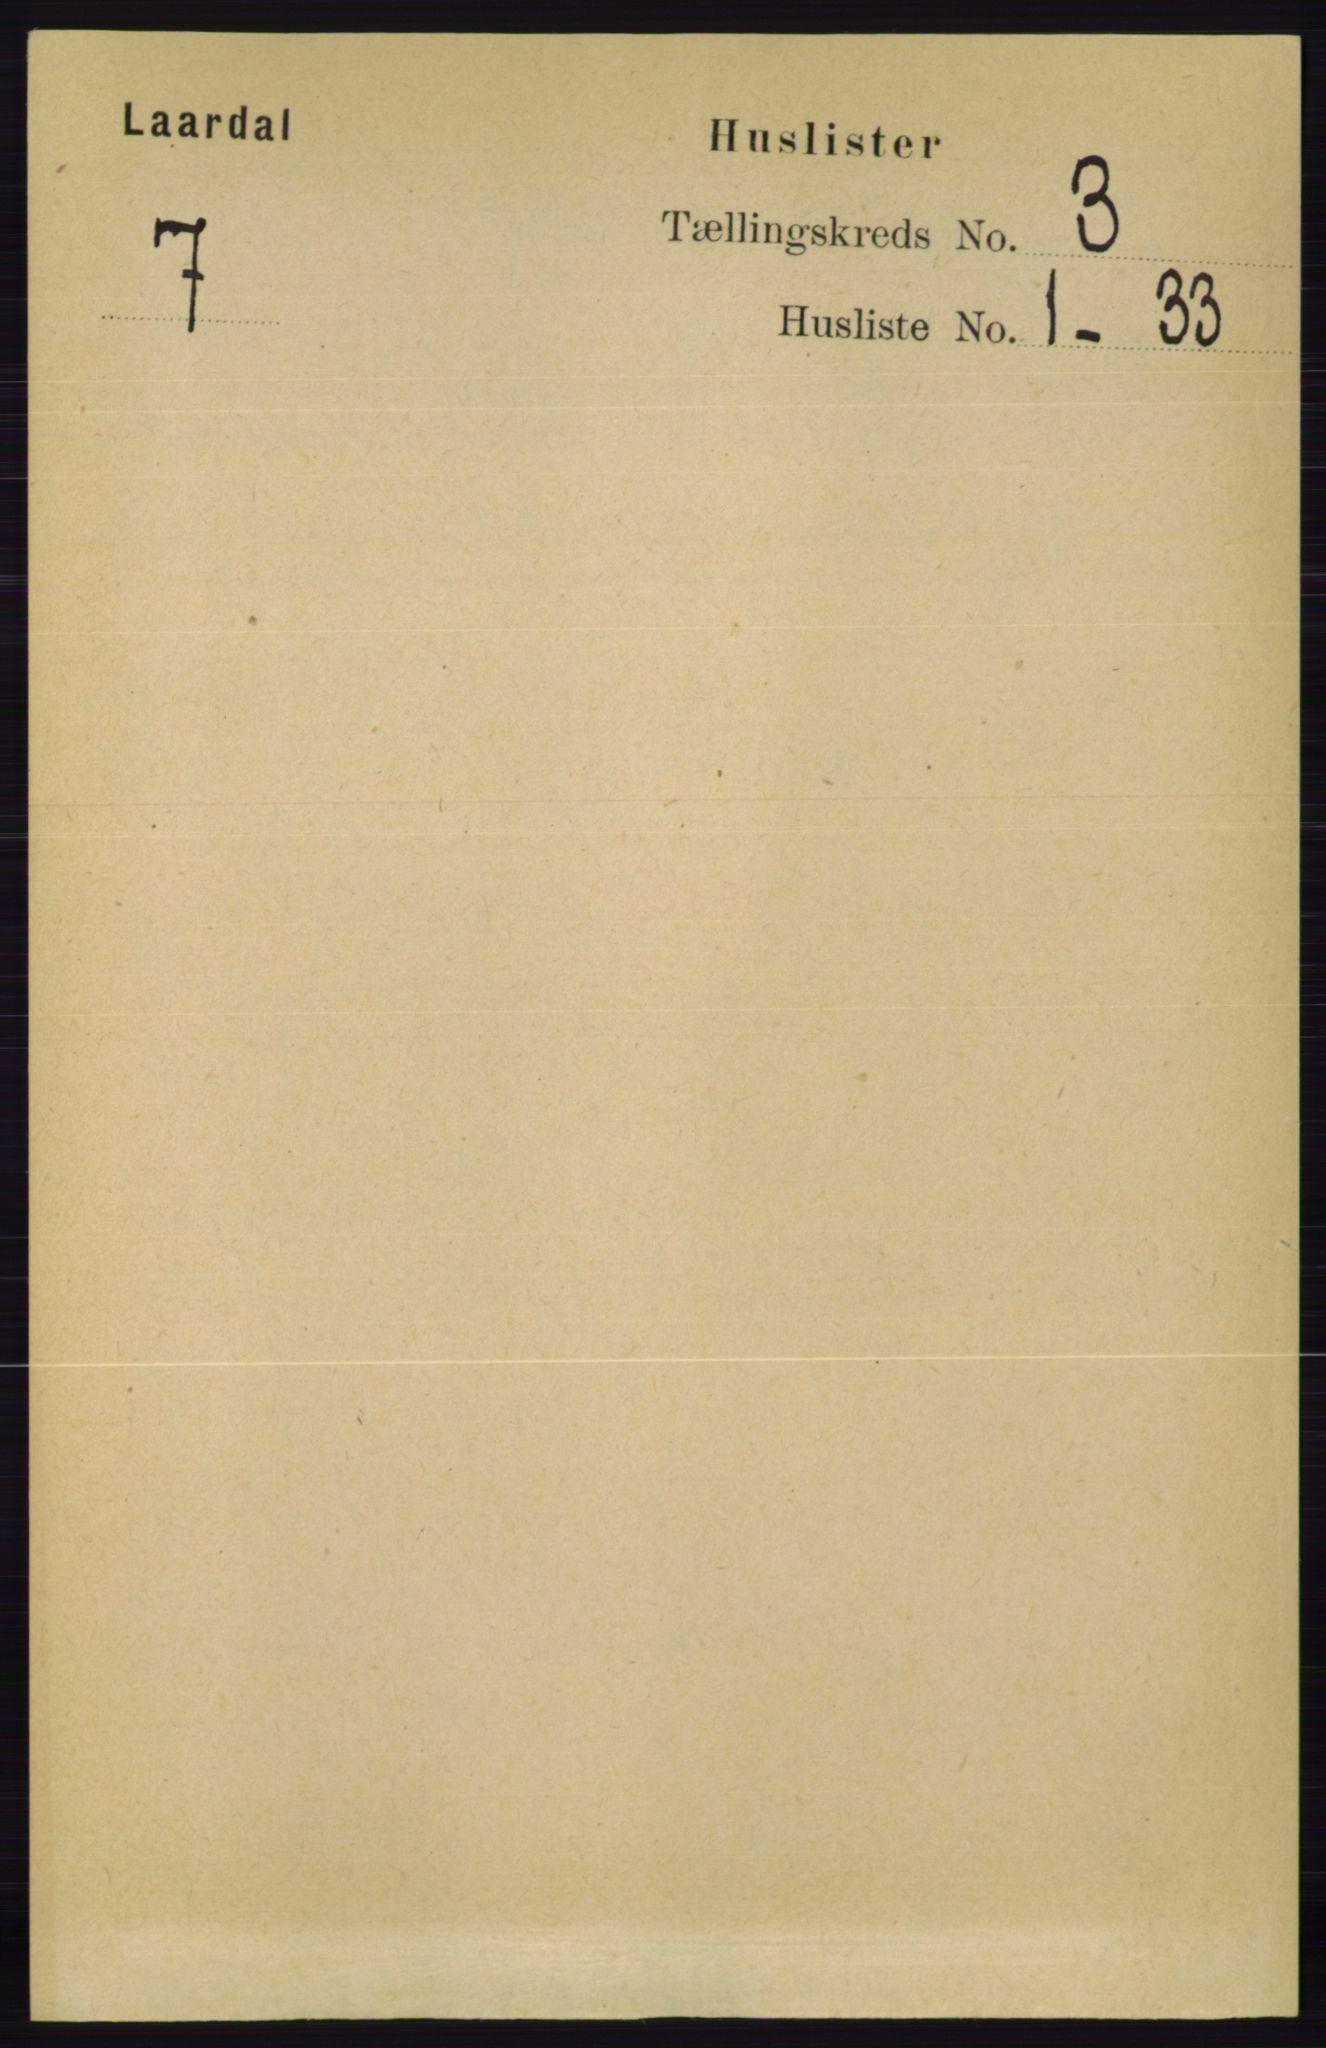 RA, Folketelling 1891 for 0833 Lårdal herred, 1891, s. 761